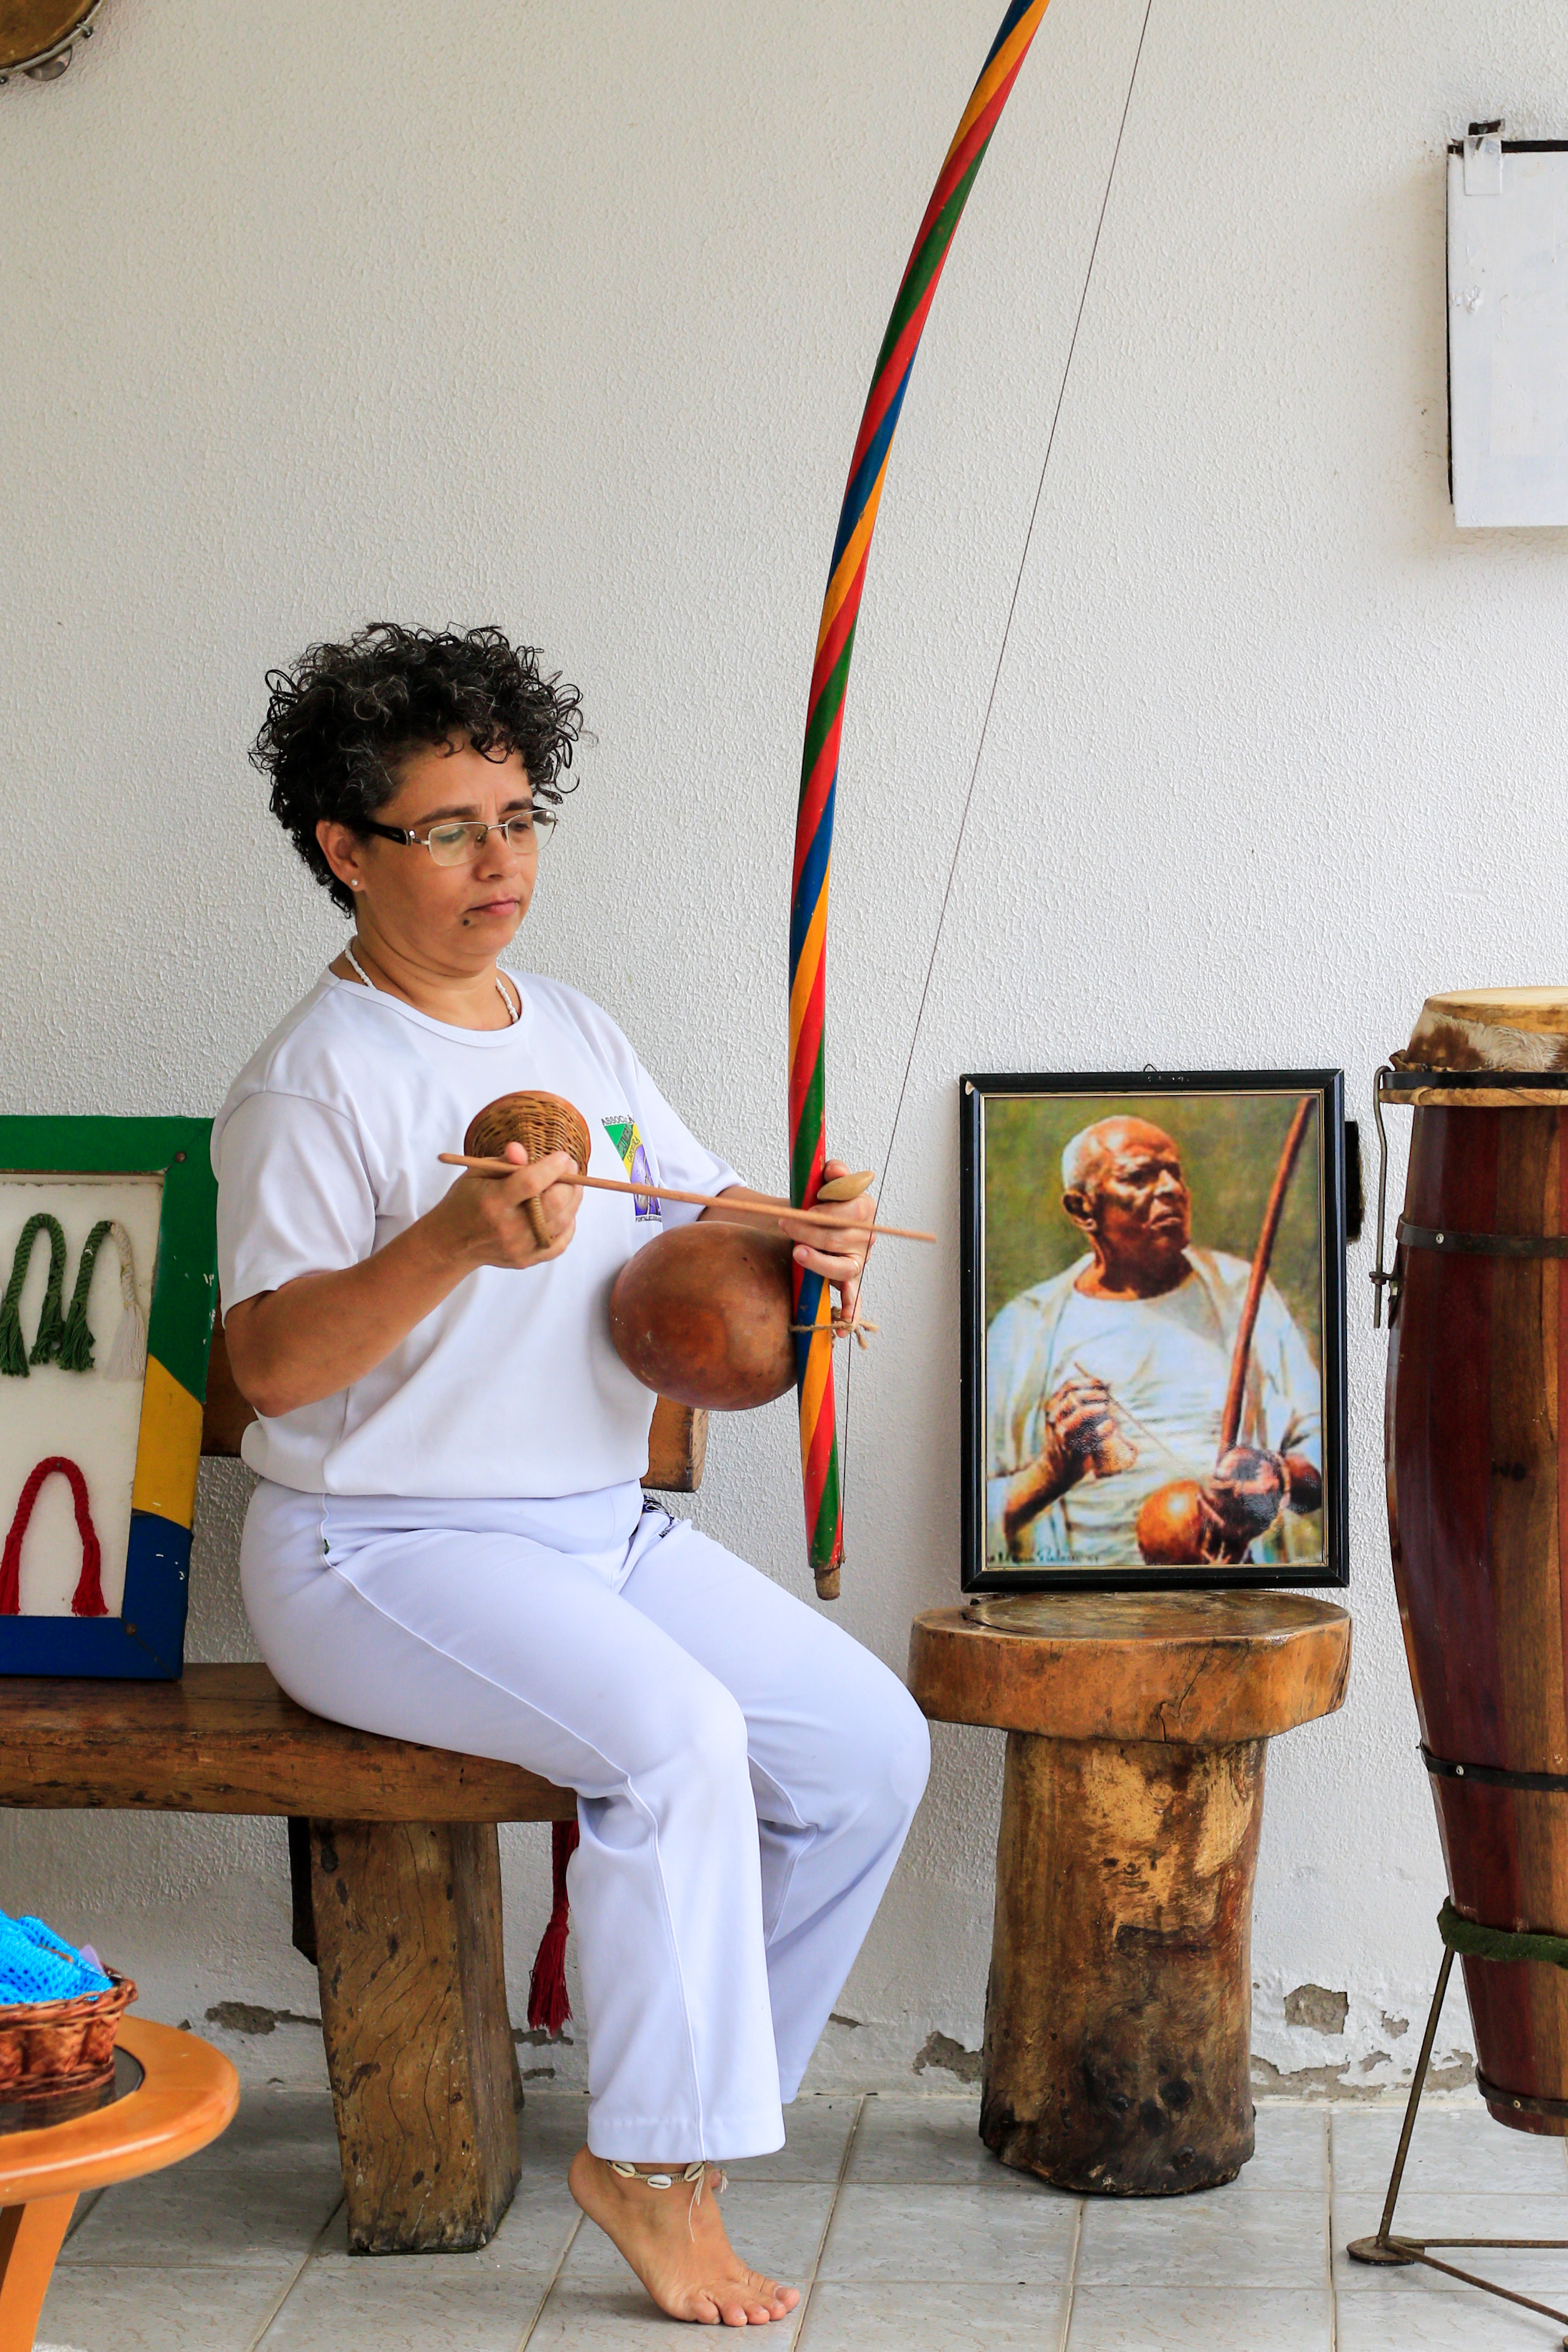 Mestra Carla, capoeirista há mais de 30 anos, compõe a Associação Zumbi Capoeira,  importante polo da arte na cidade hoje. (Foto: BARBARA MOIRA)